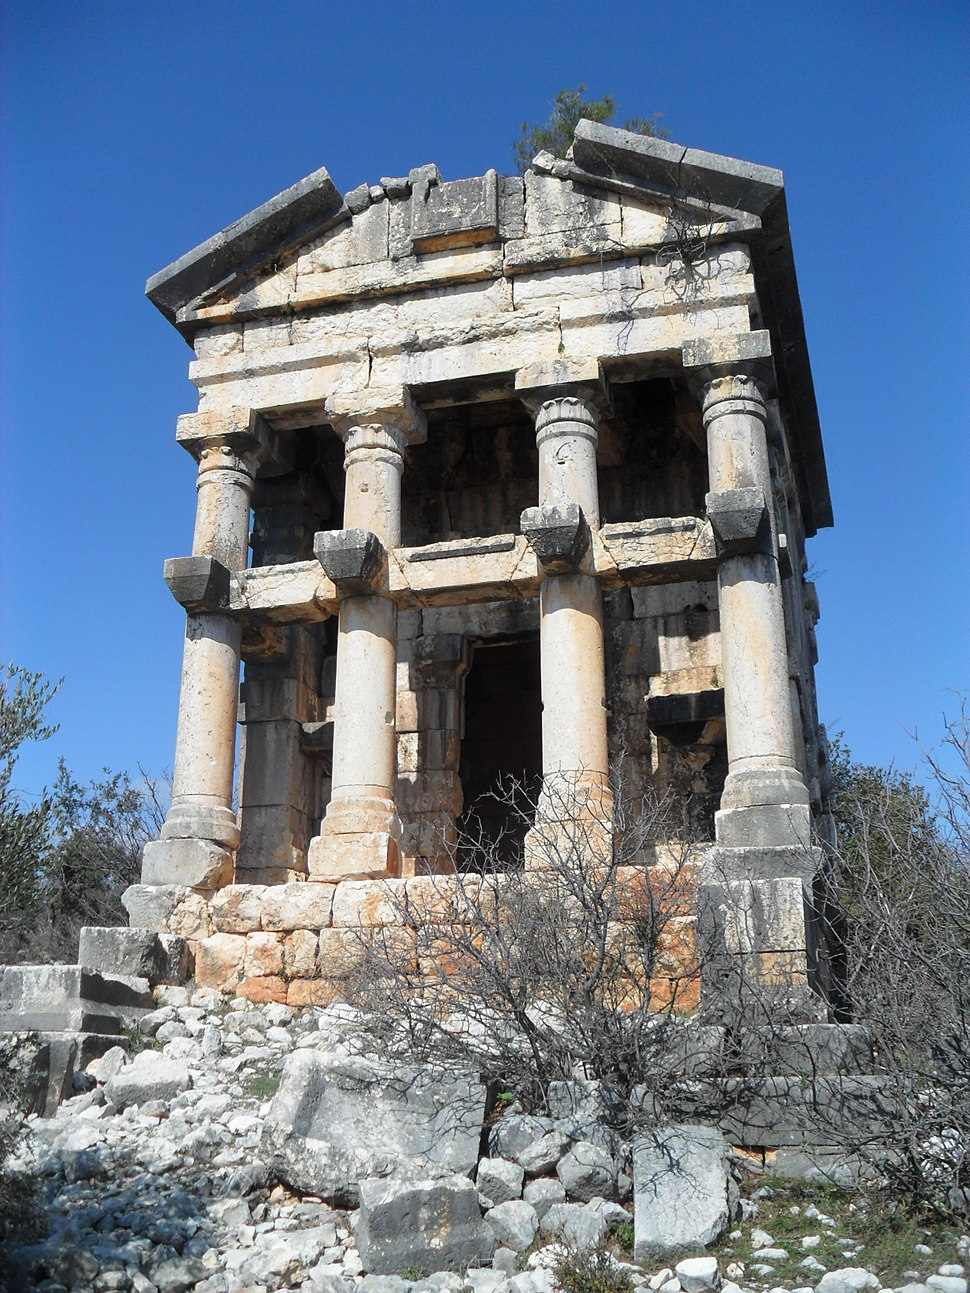 Mezgitkale, Mersin Province, Turkey